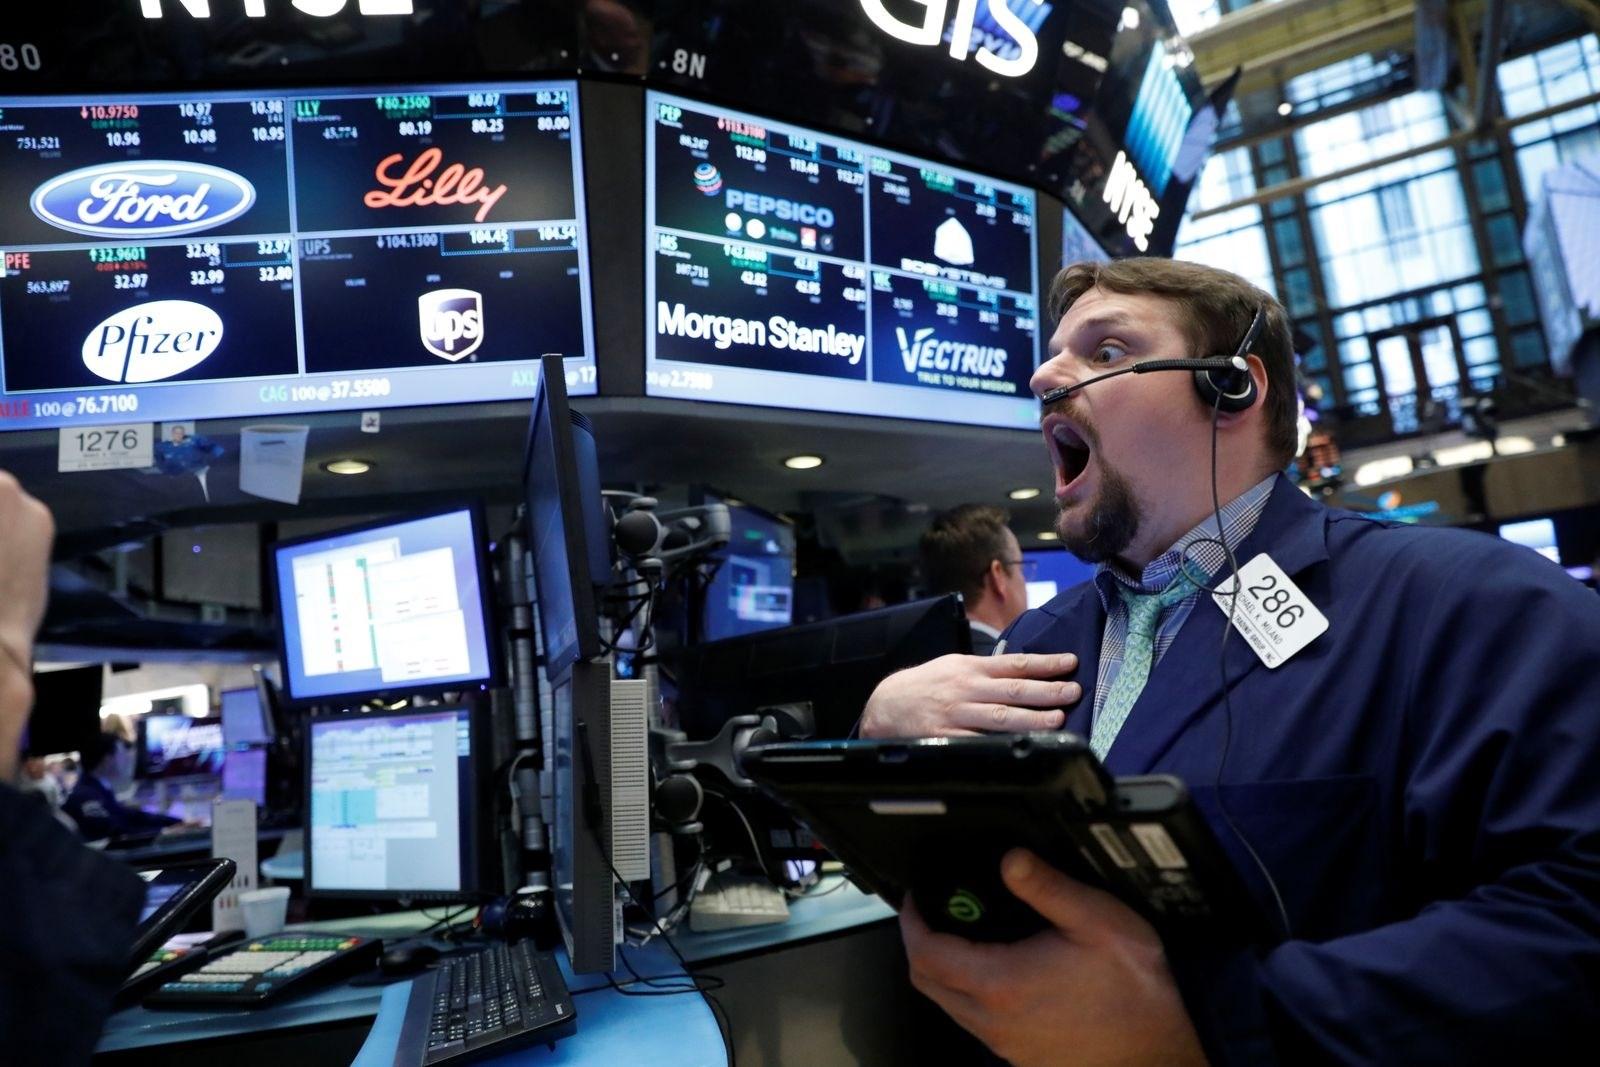 الأسهم الأوروبية تواصل تراجعها متأثرةً بكورونا